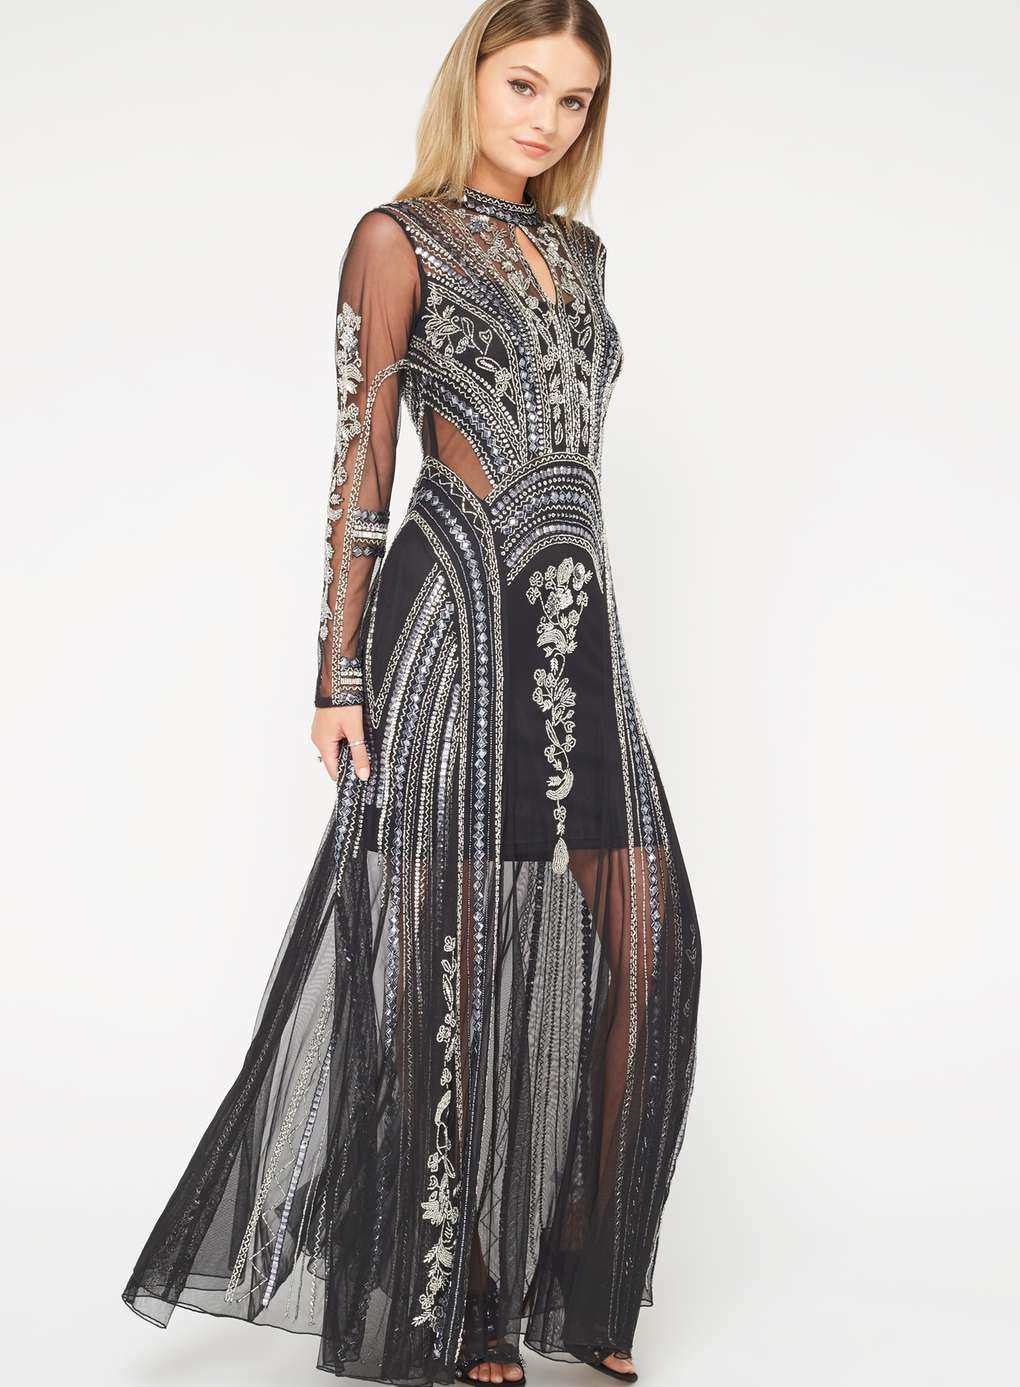 5f0afe628c0d6 Miss Selfridge Premium Showstopper Embellished Maxi Dress in Black ...